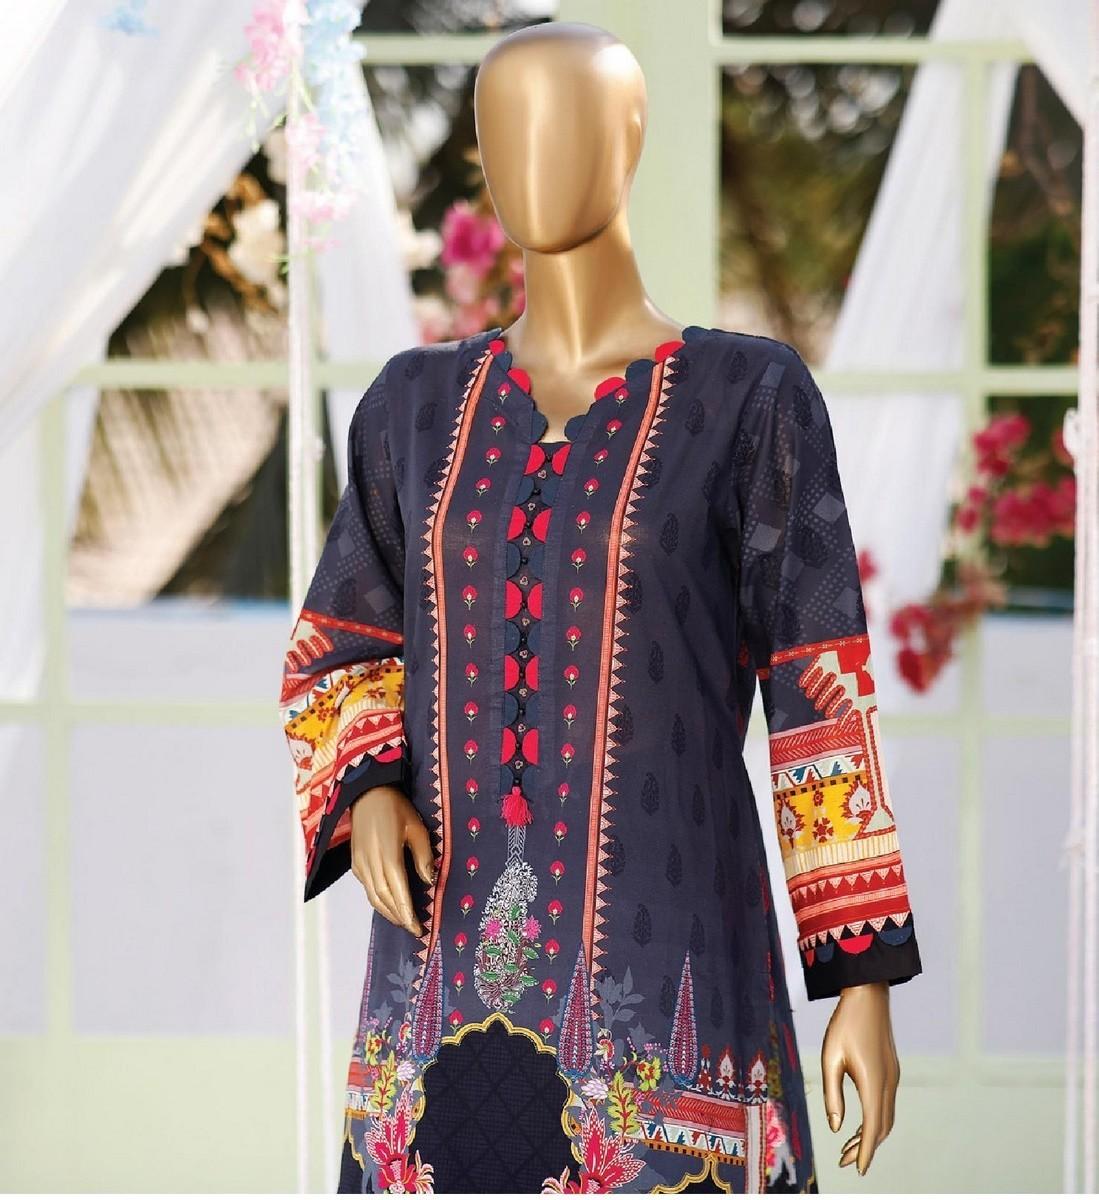 /2021/05/sadabahar-stitched-print-kurtis21-d-10-image3.jpeg